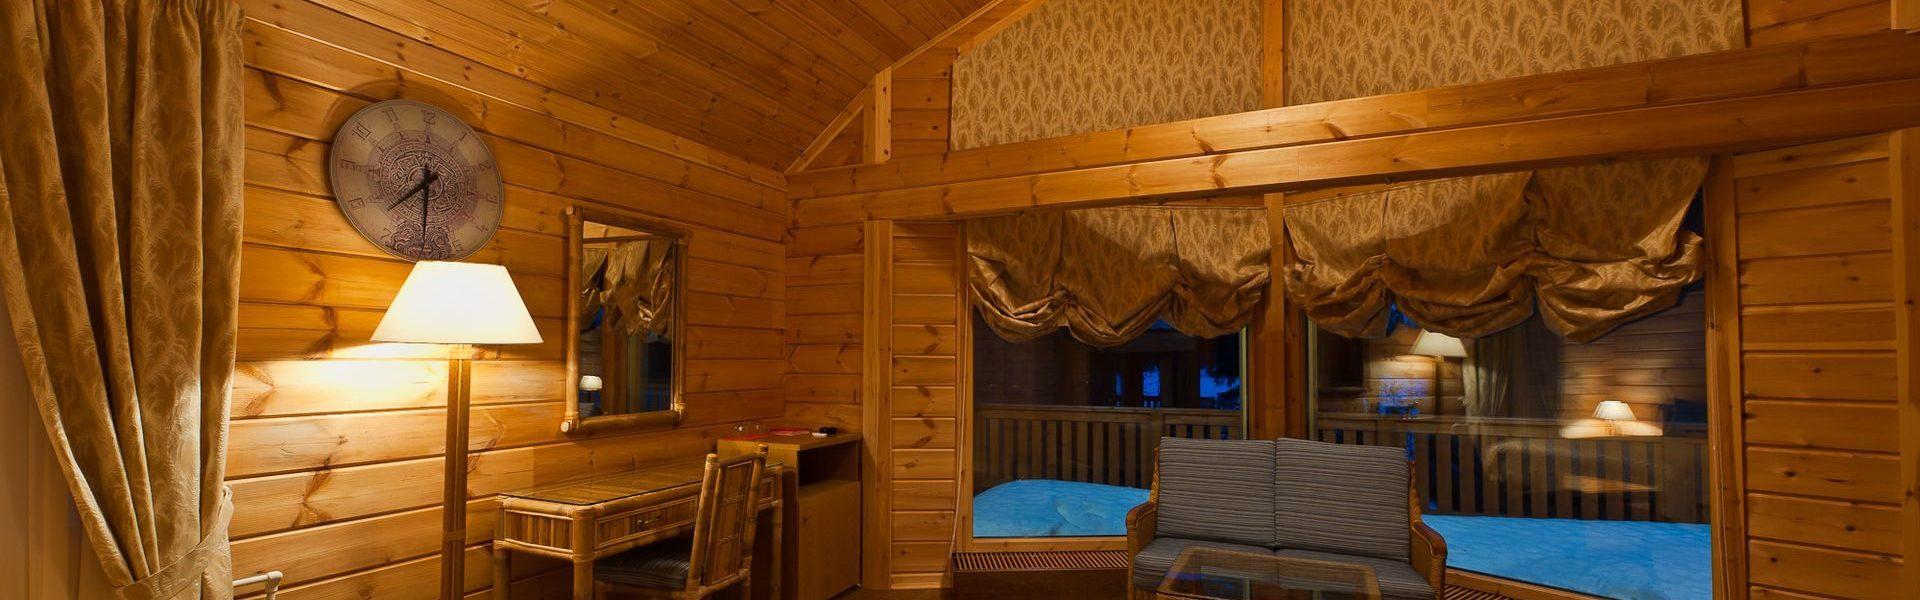 Проживание в пятизвездочном отеле вдали от цивилизации